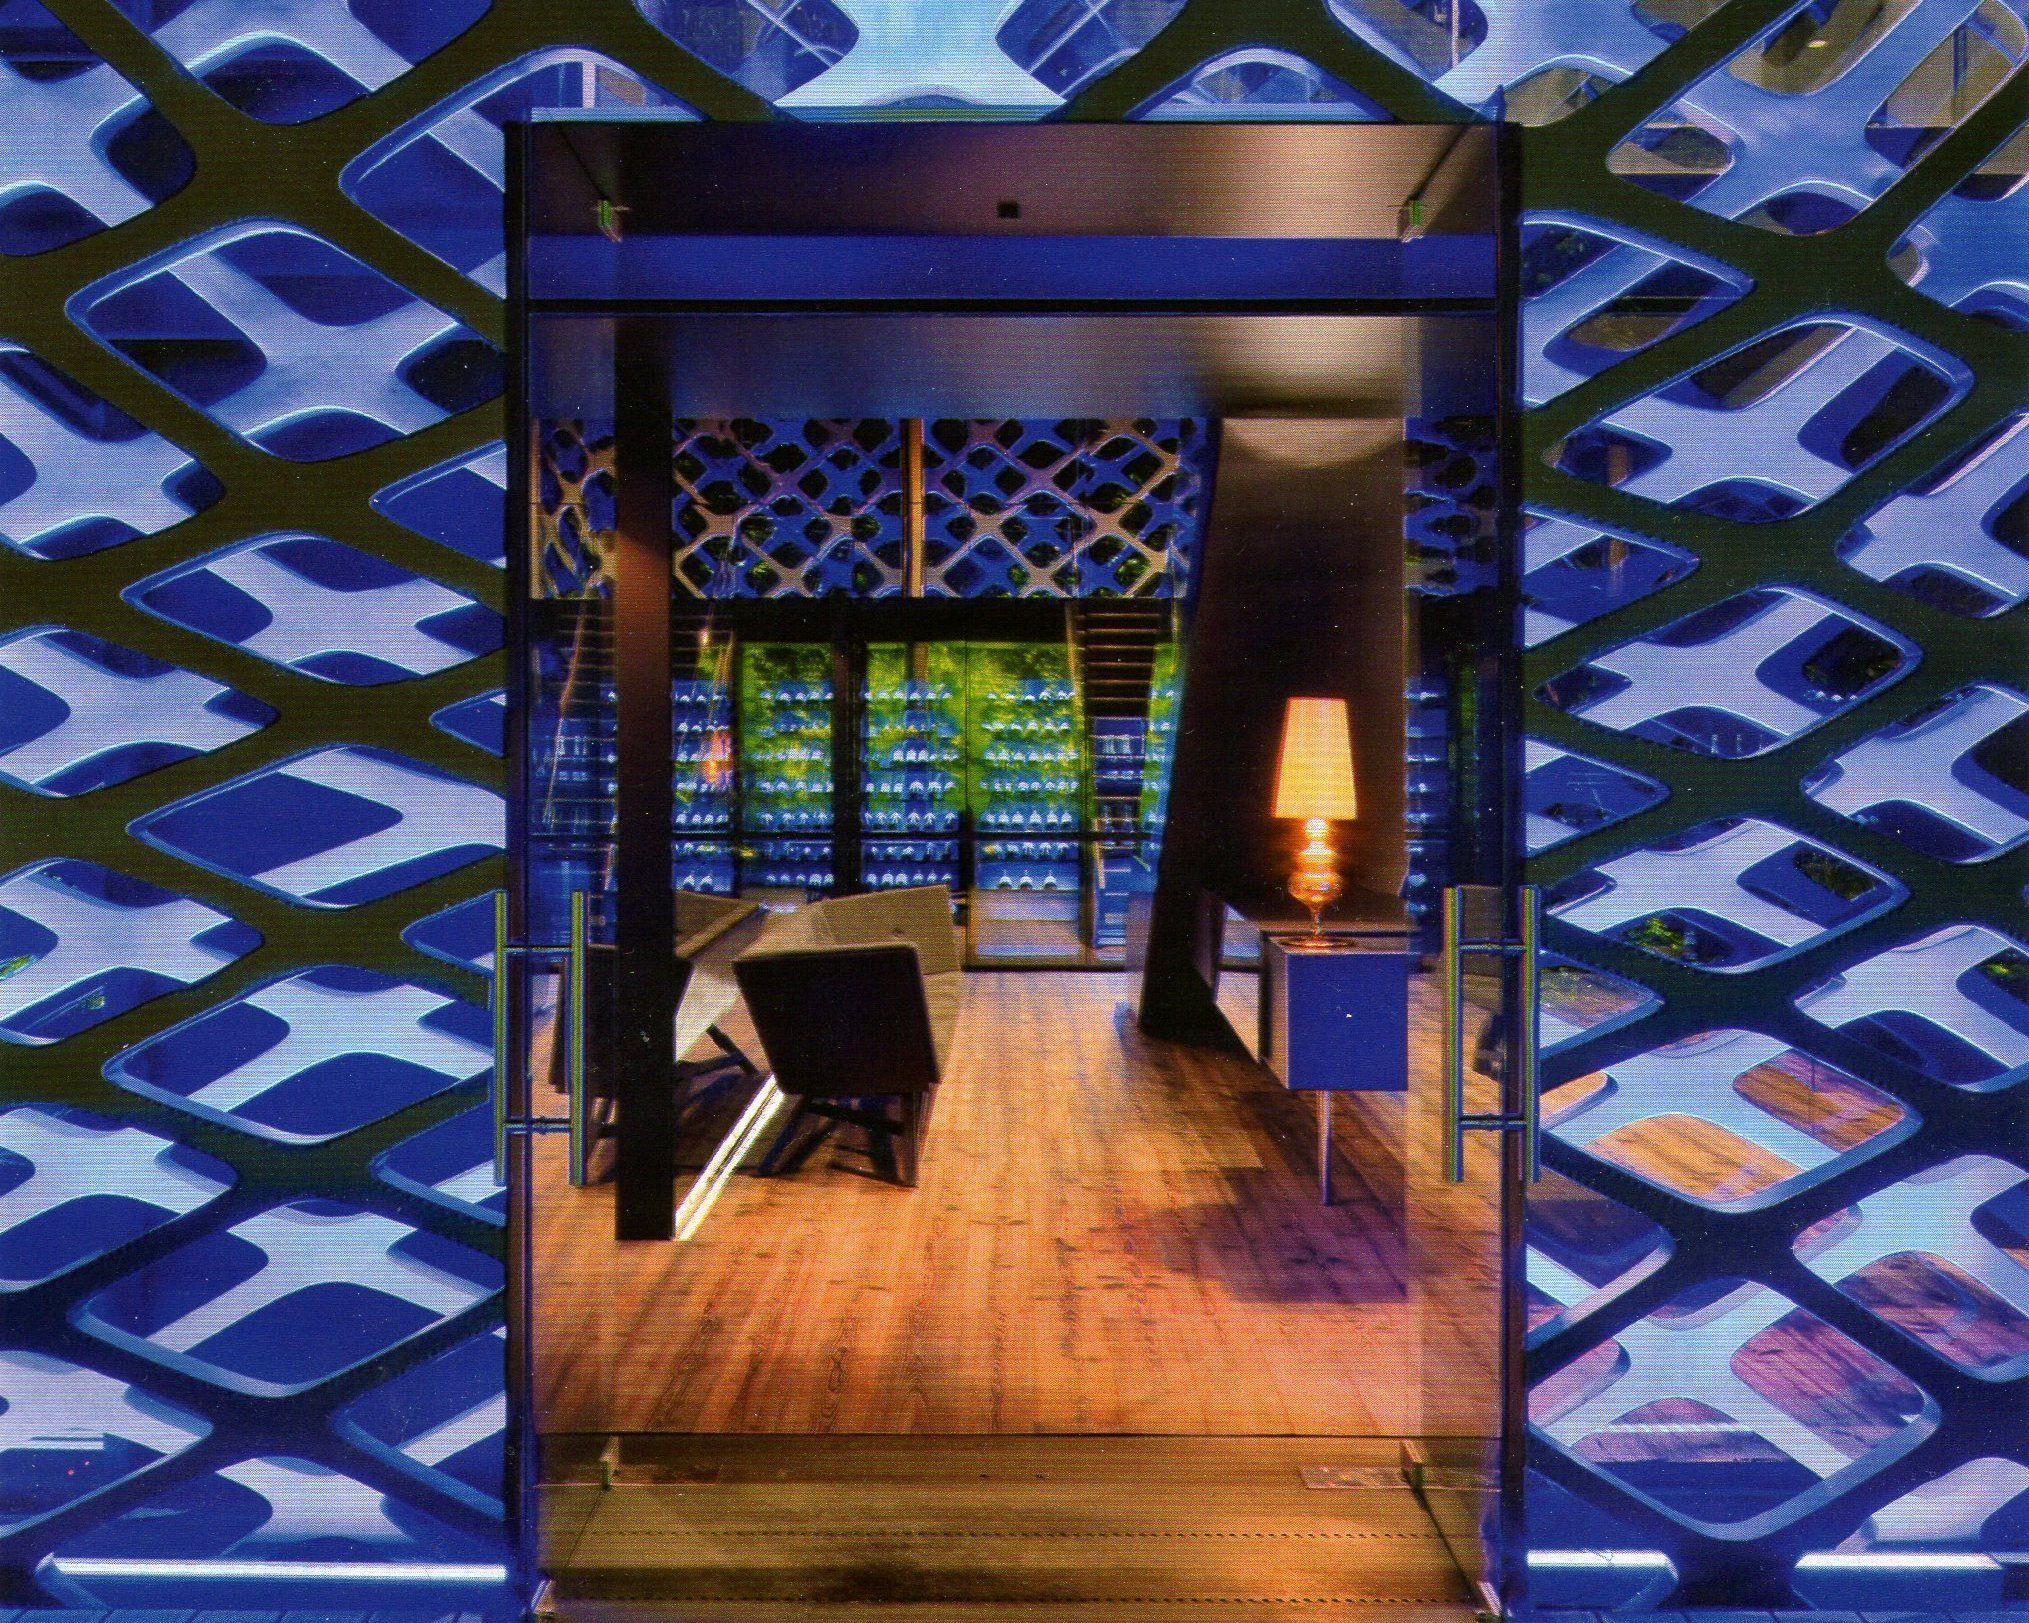 Restaurante japonês Tori Tori, na Cidade do México - Foto tirada da Revista Arquitetura & Construção, edição de Maio/2012.